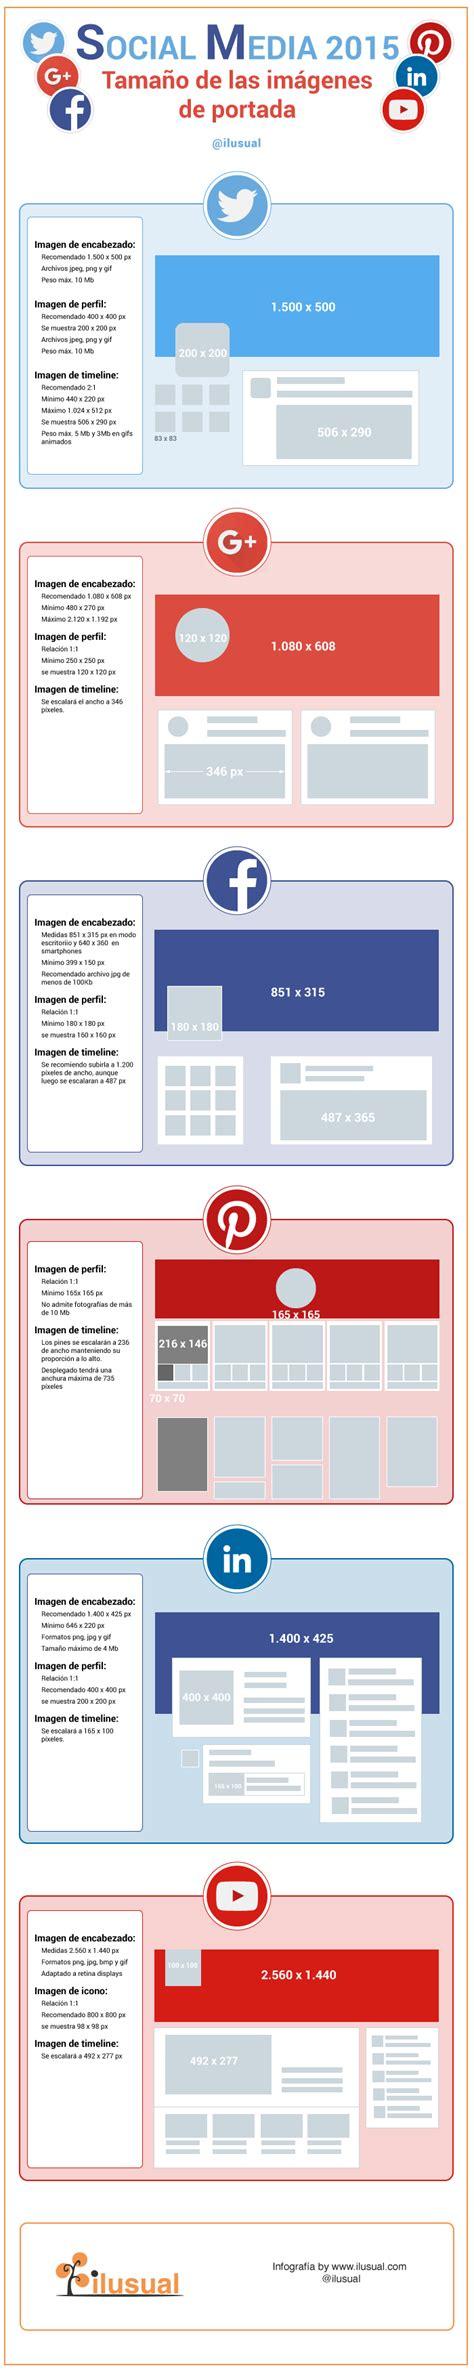 Medidas de las imágenes de las redes sociales más importantes